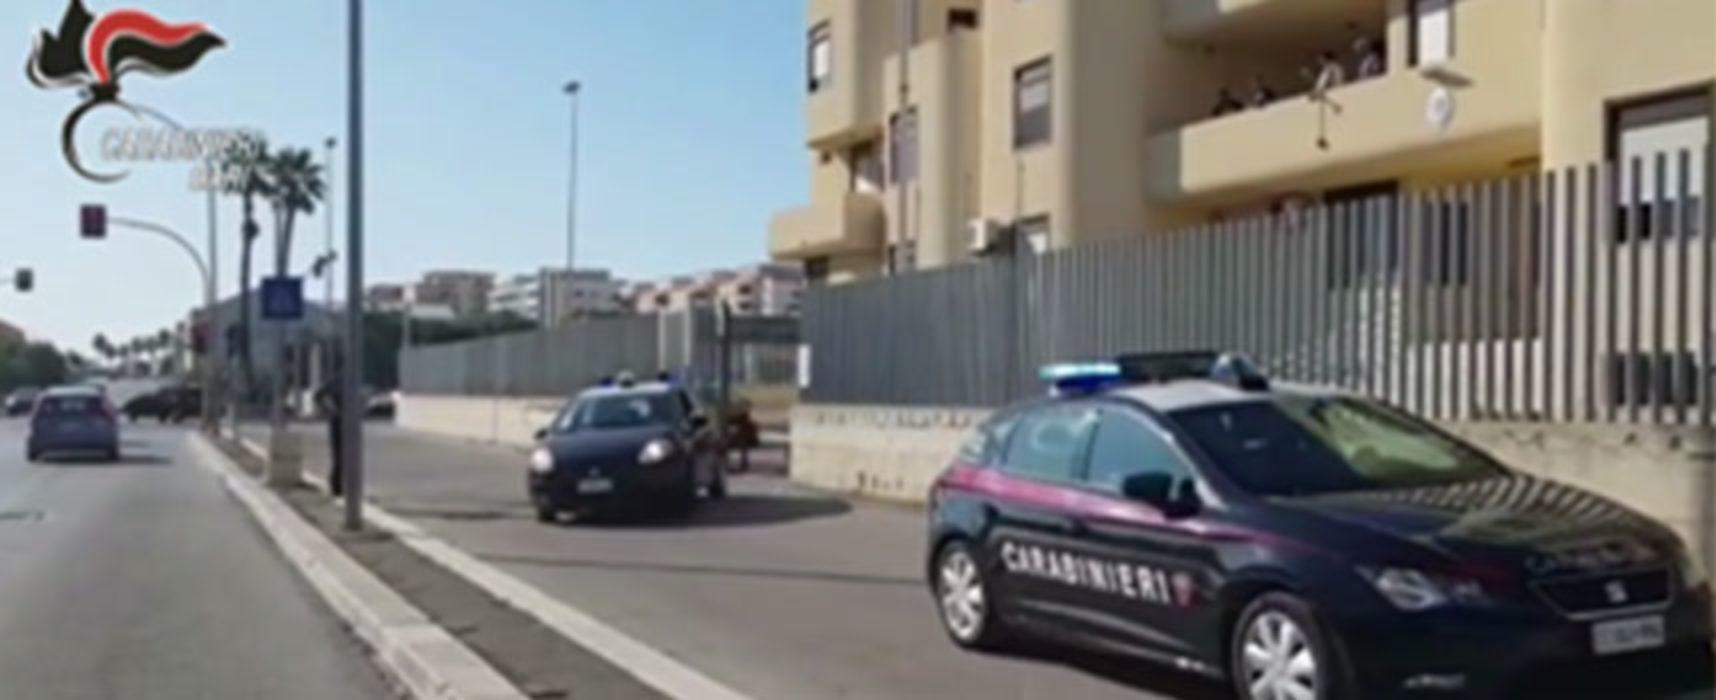 Dopo inseguimento Carabinieri arrestano biscegliese che circolava con auto rubata